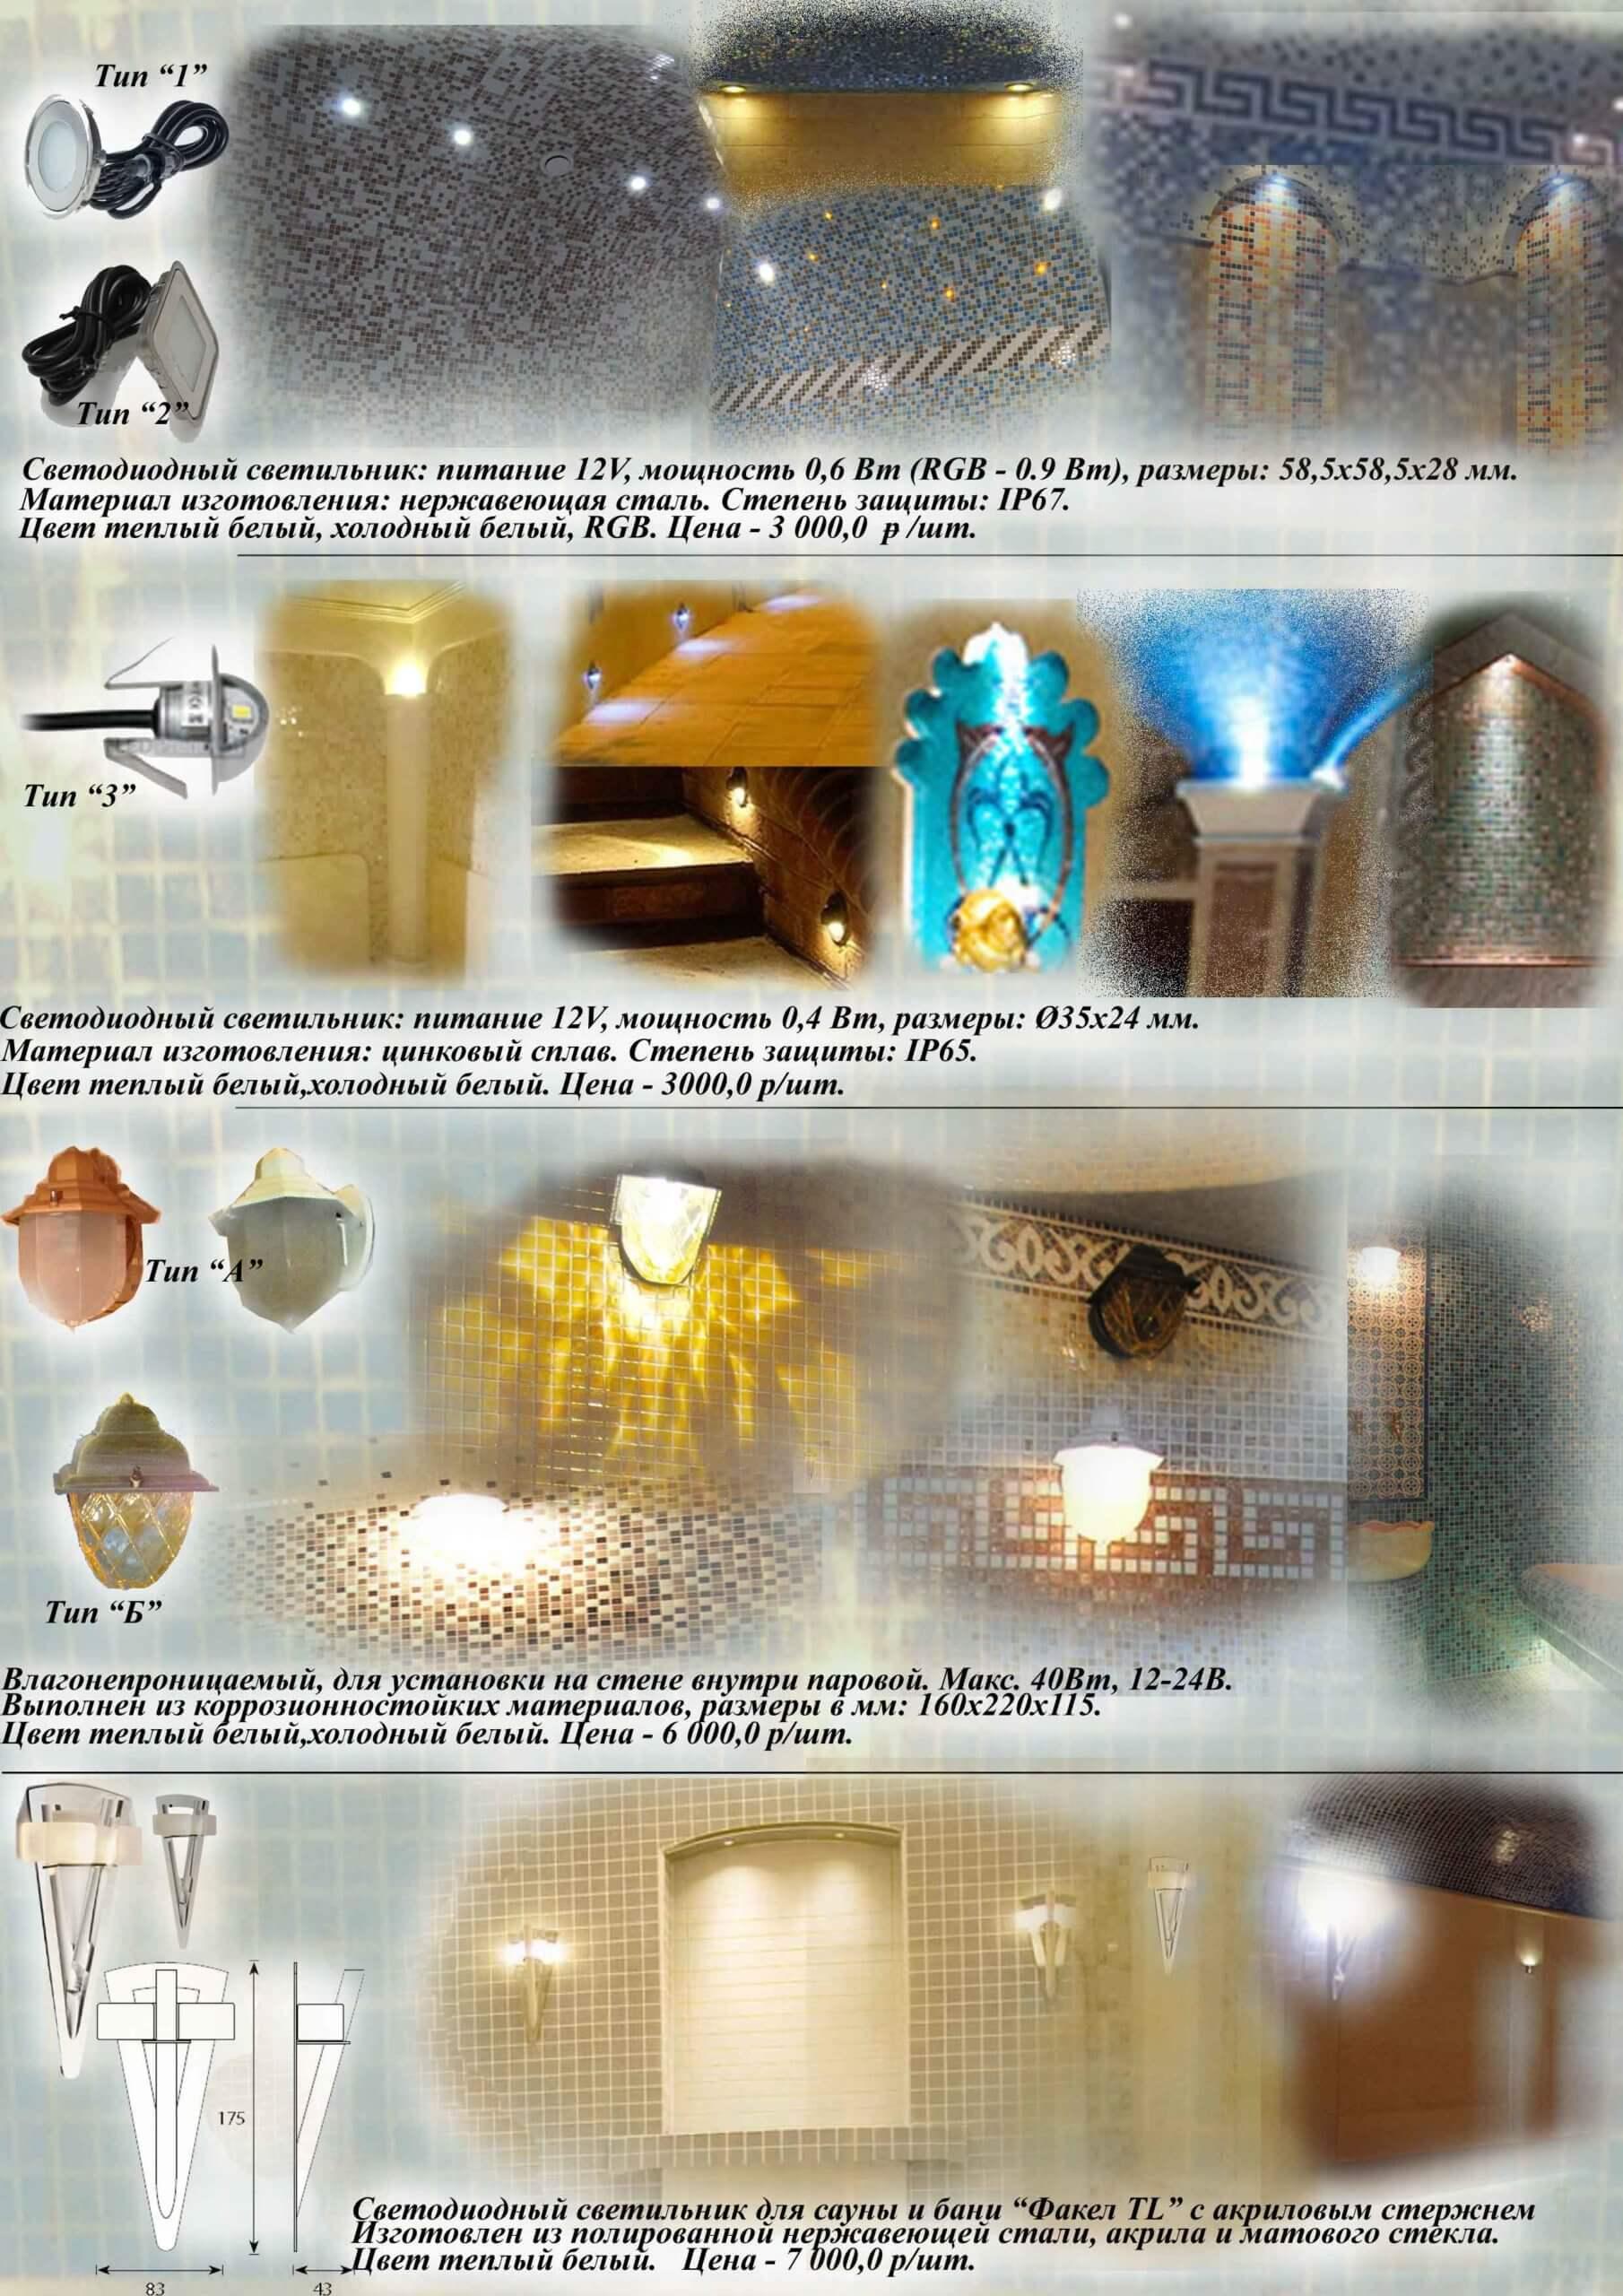 Светильники для турецкой бани, хамам